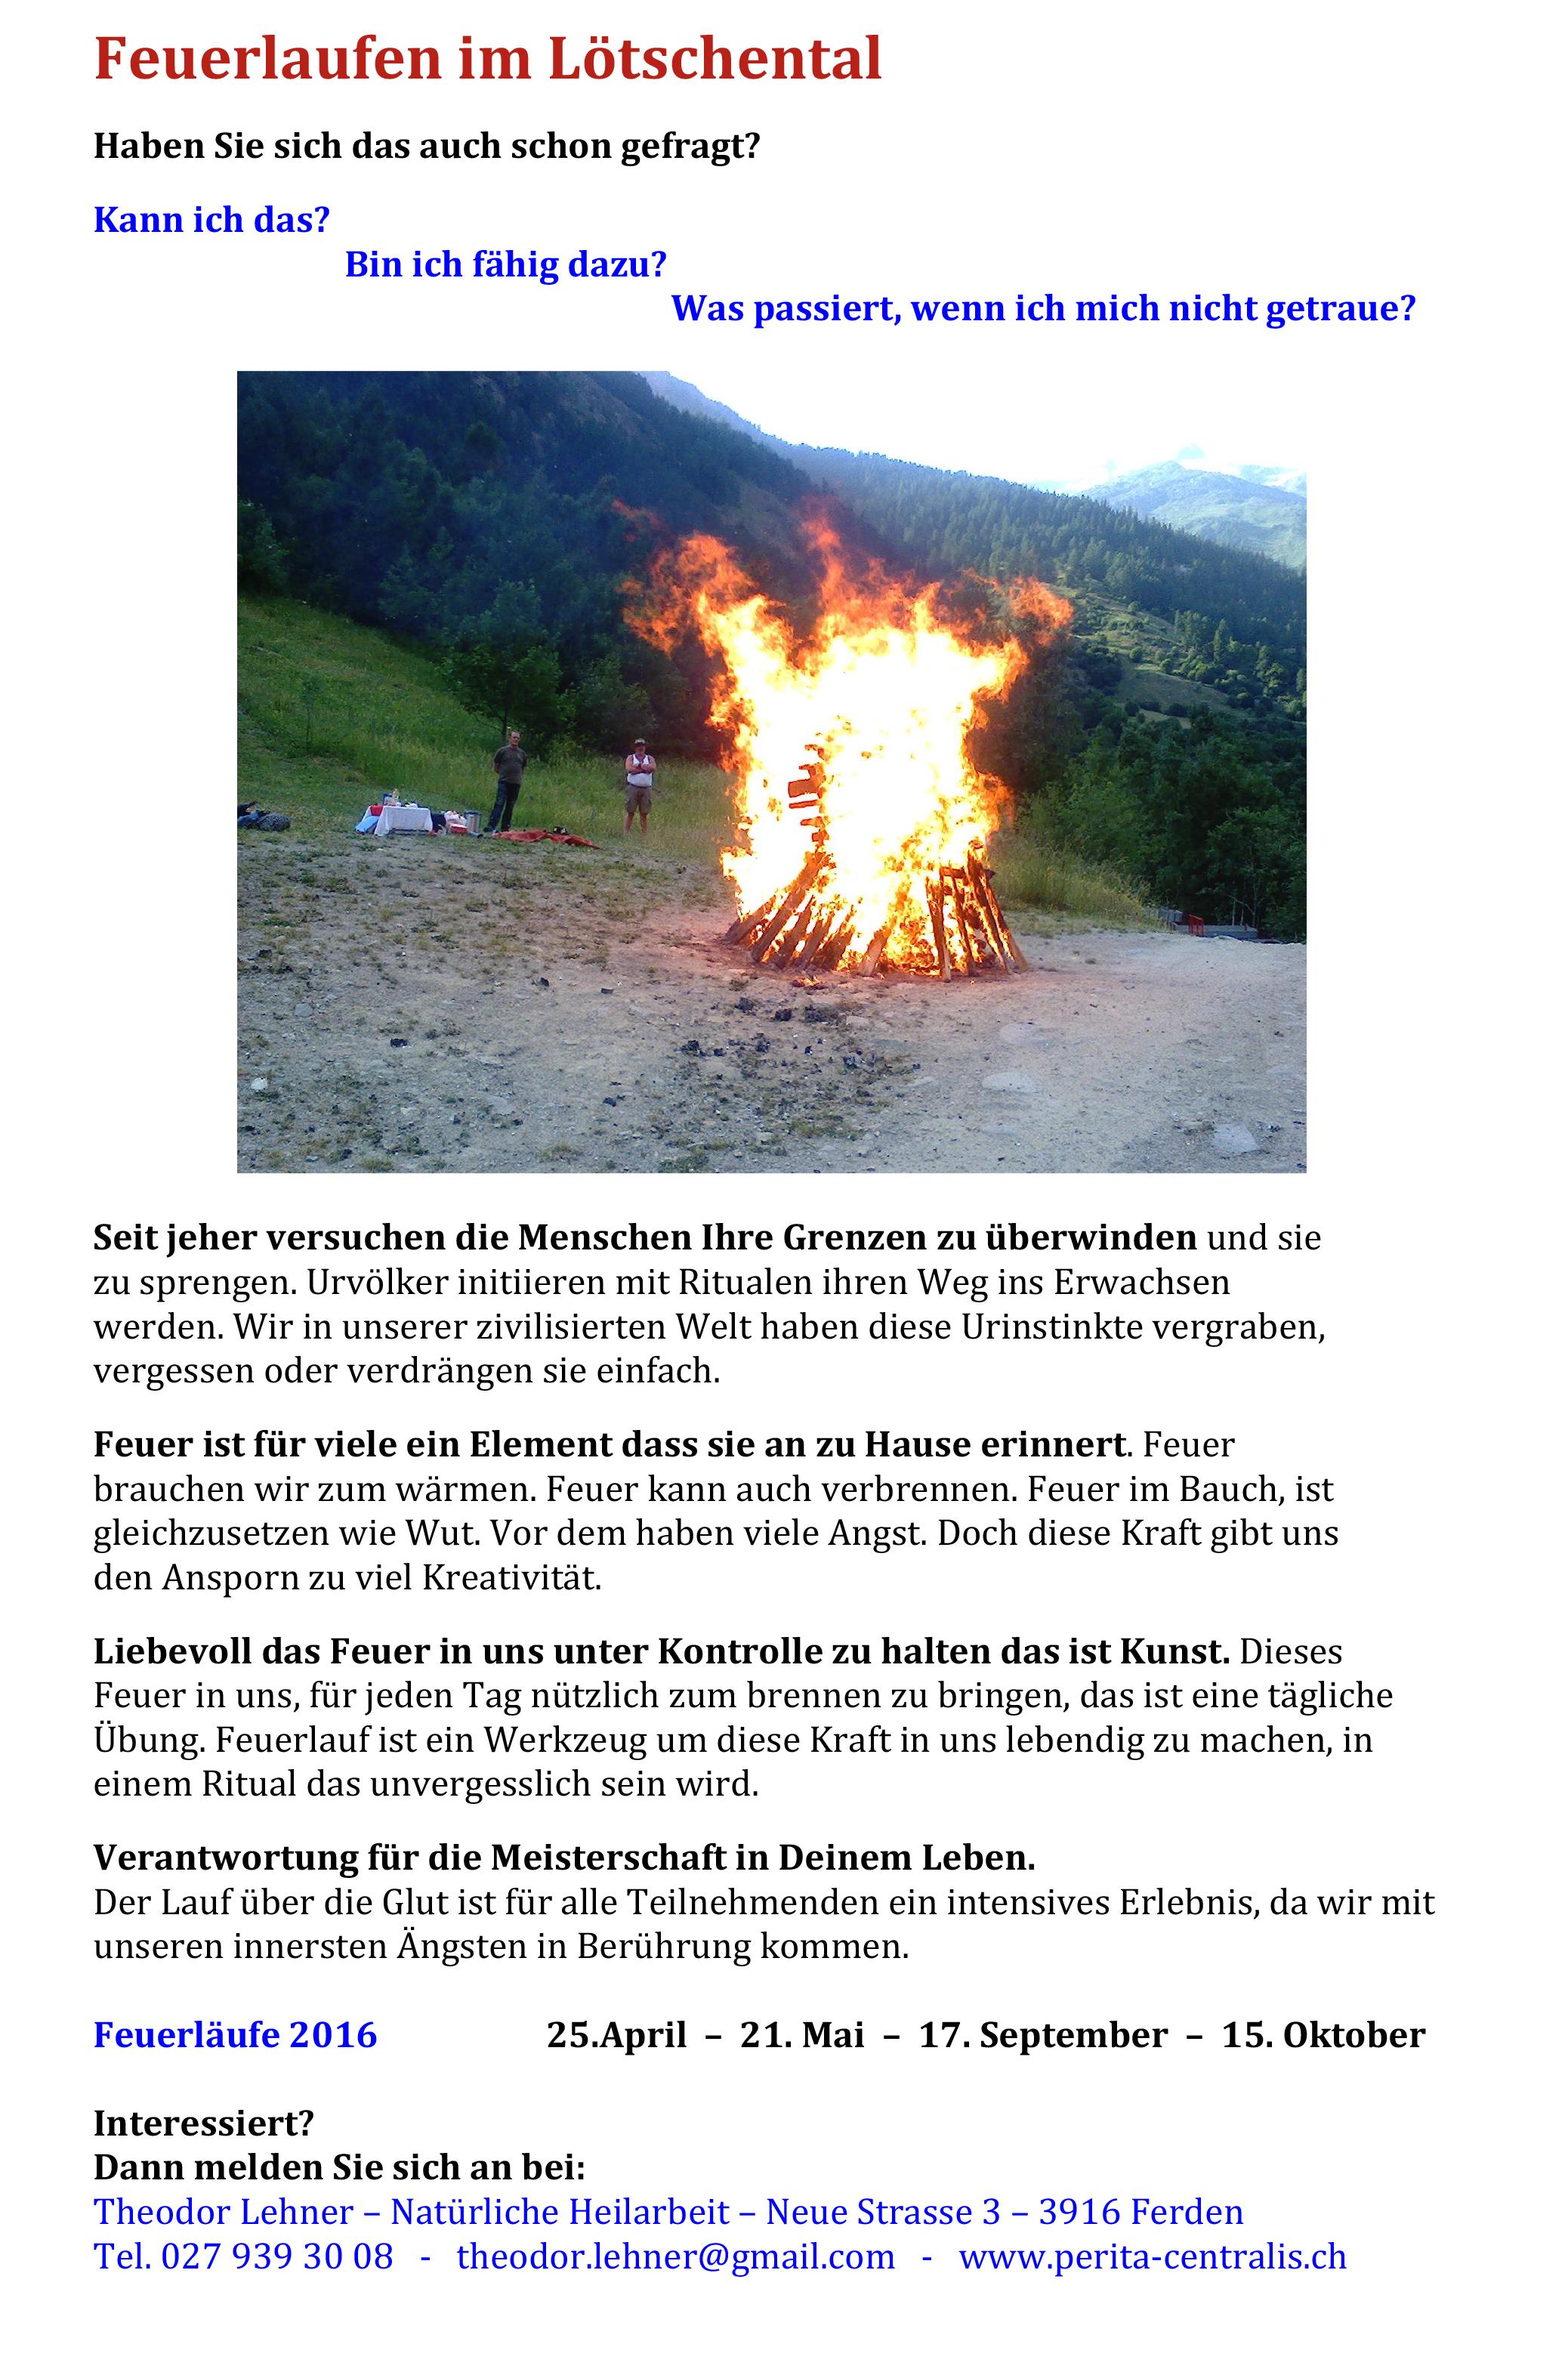 Feuerlaufen im Lötschental